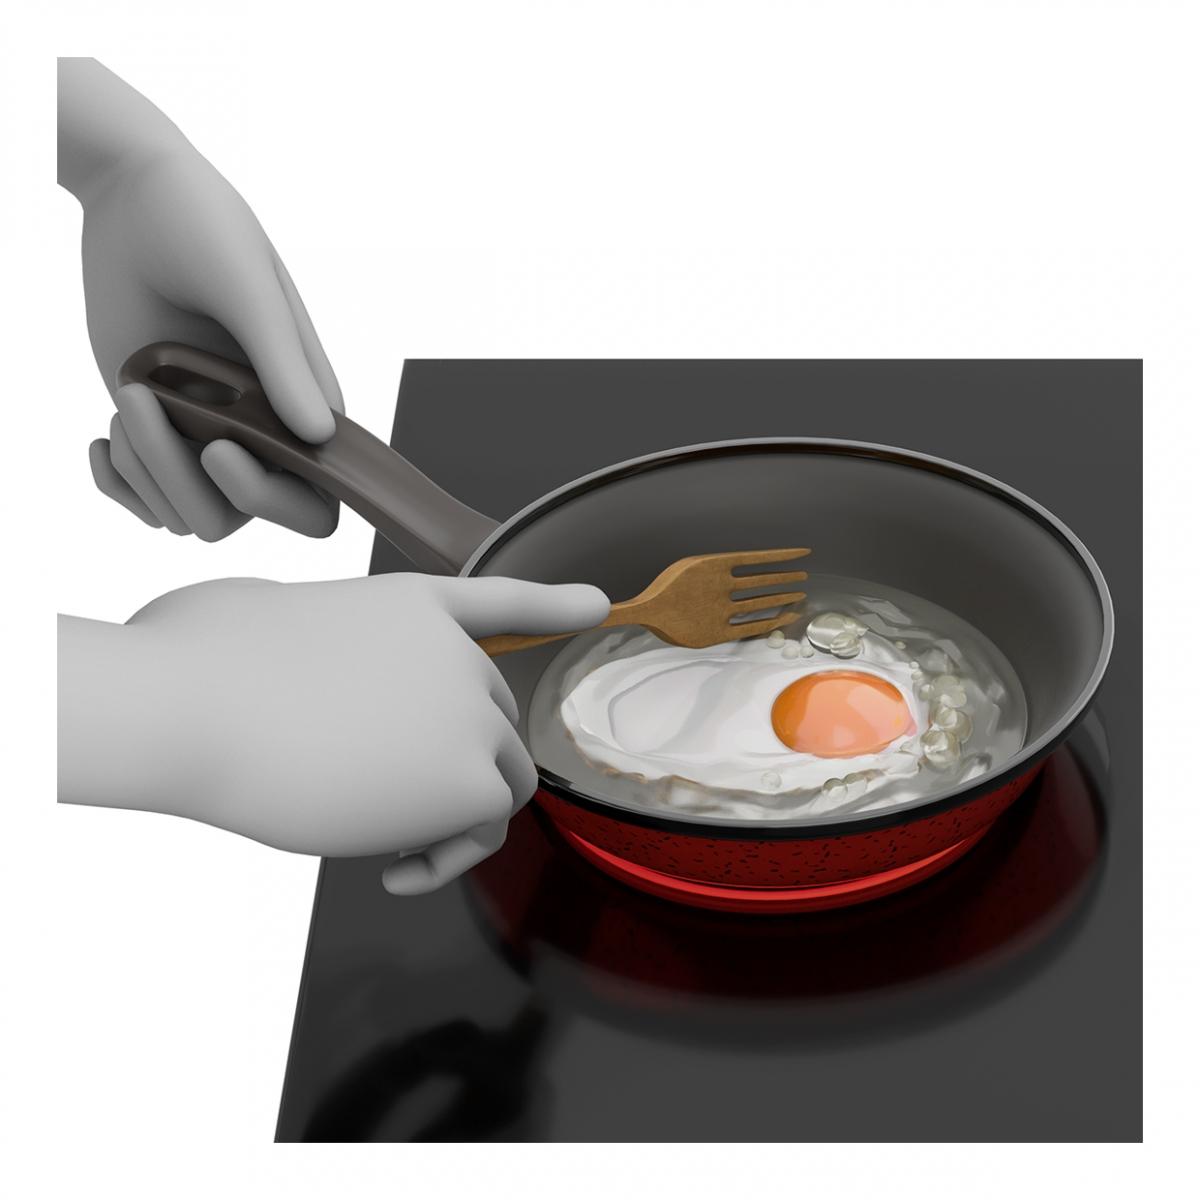 Imagen en la que se ve una mano friendo un huevo